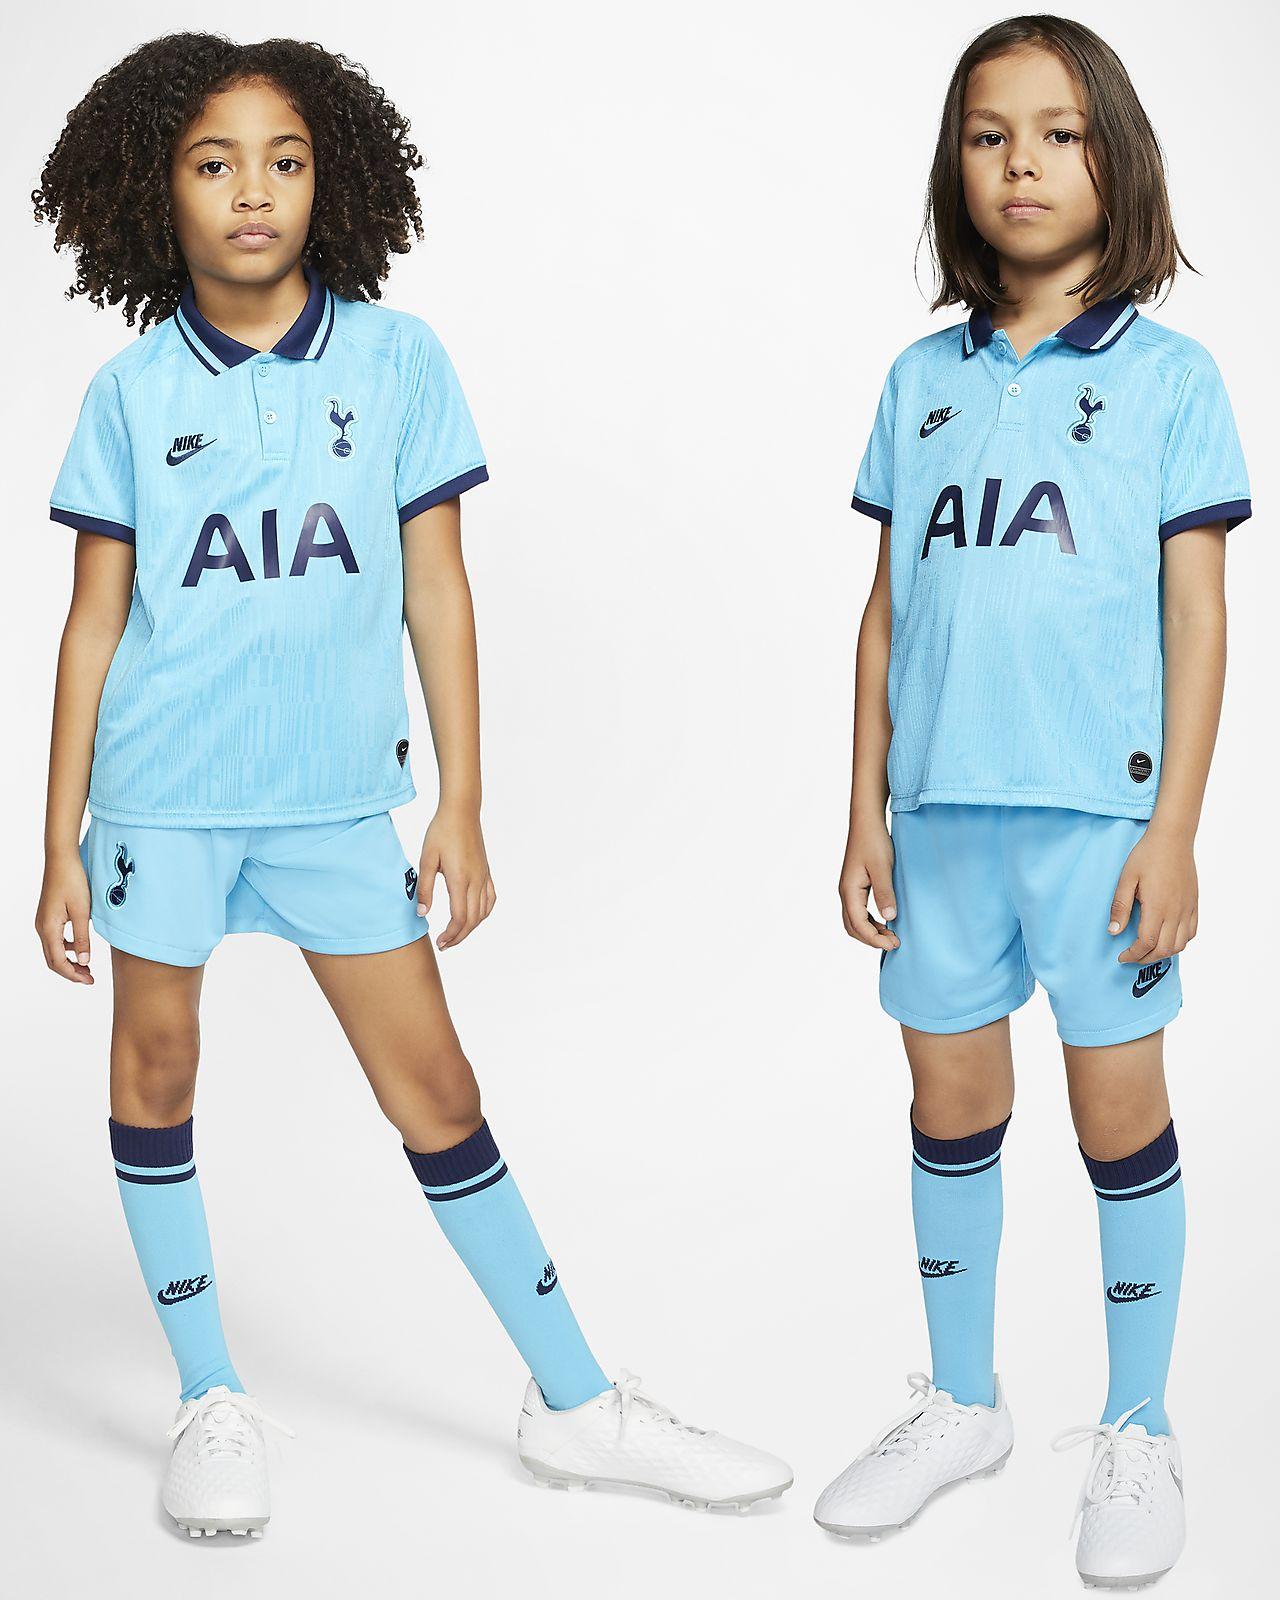 Kit alternativo para niños talla pequeña 2019/20 del Tottenham Hotspur